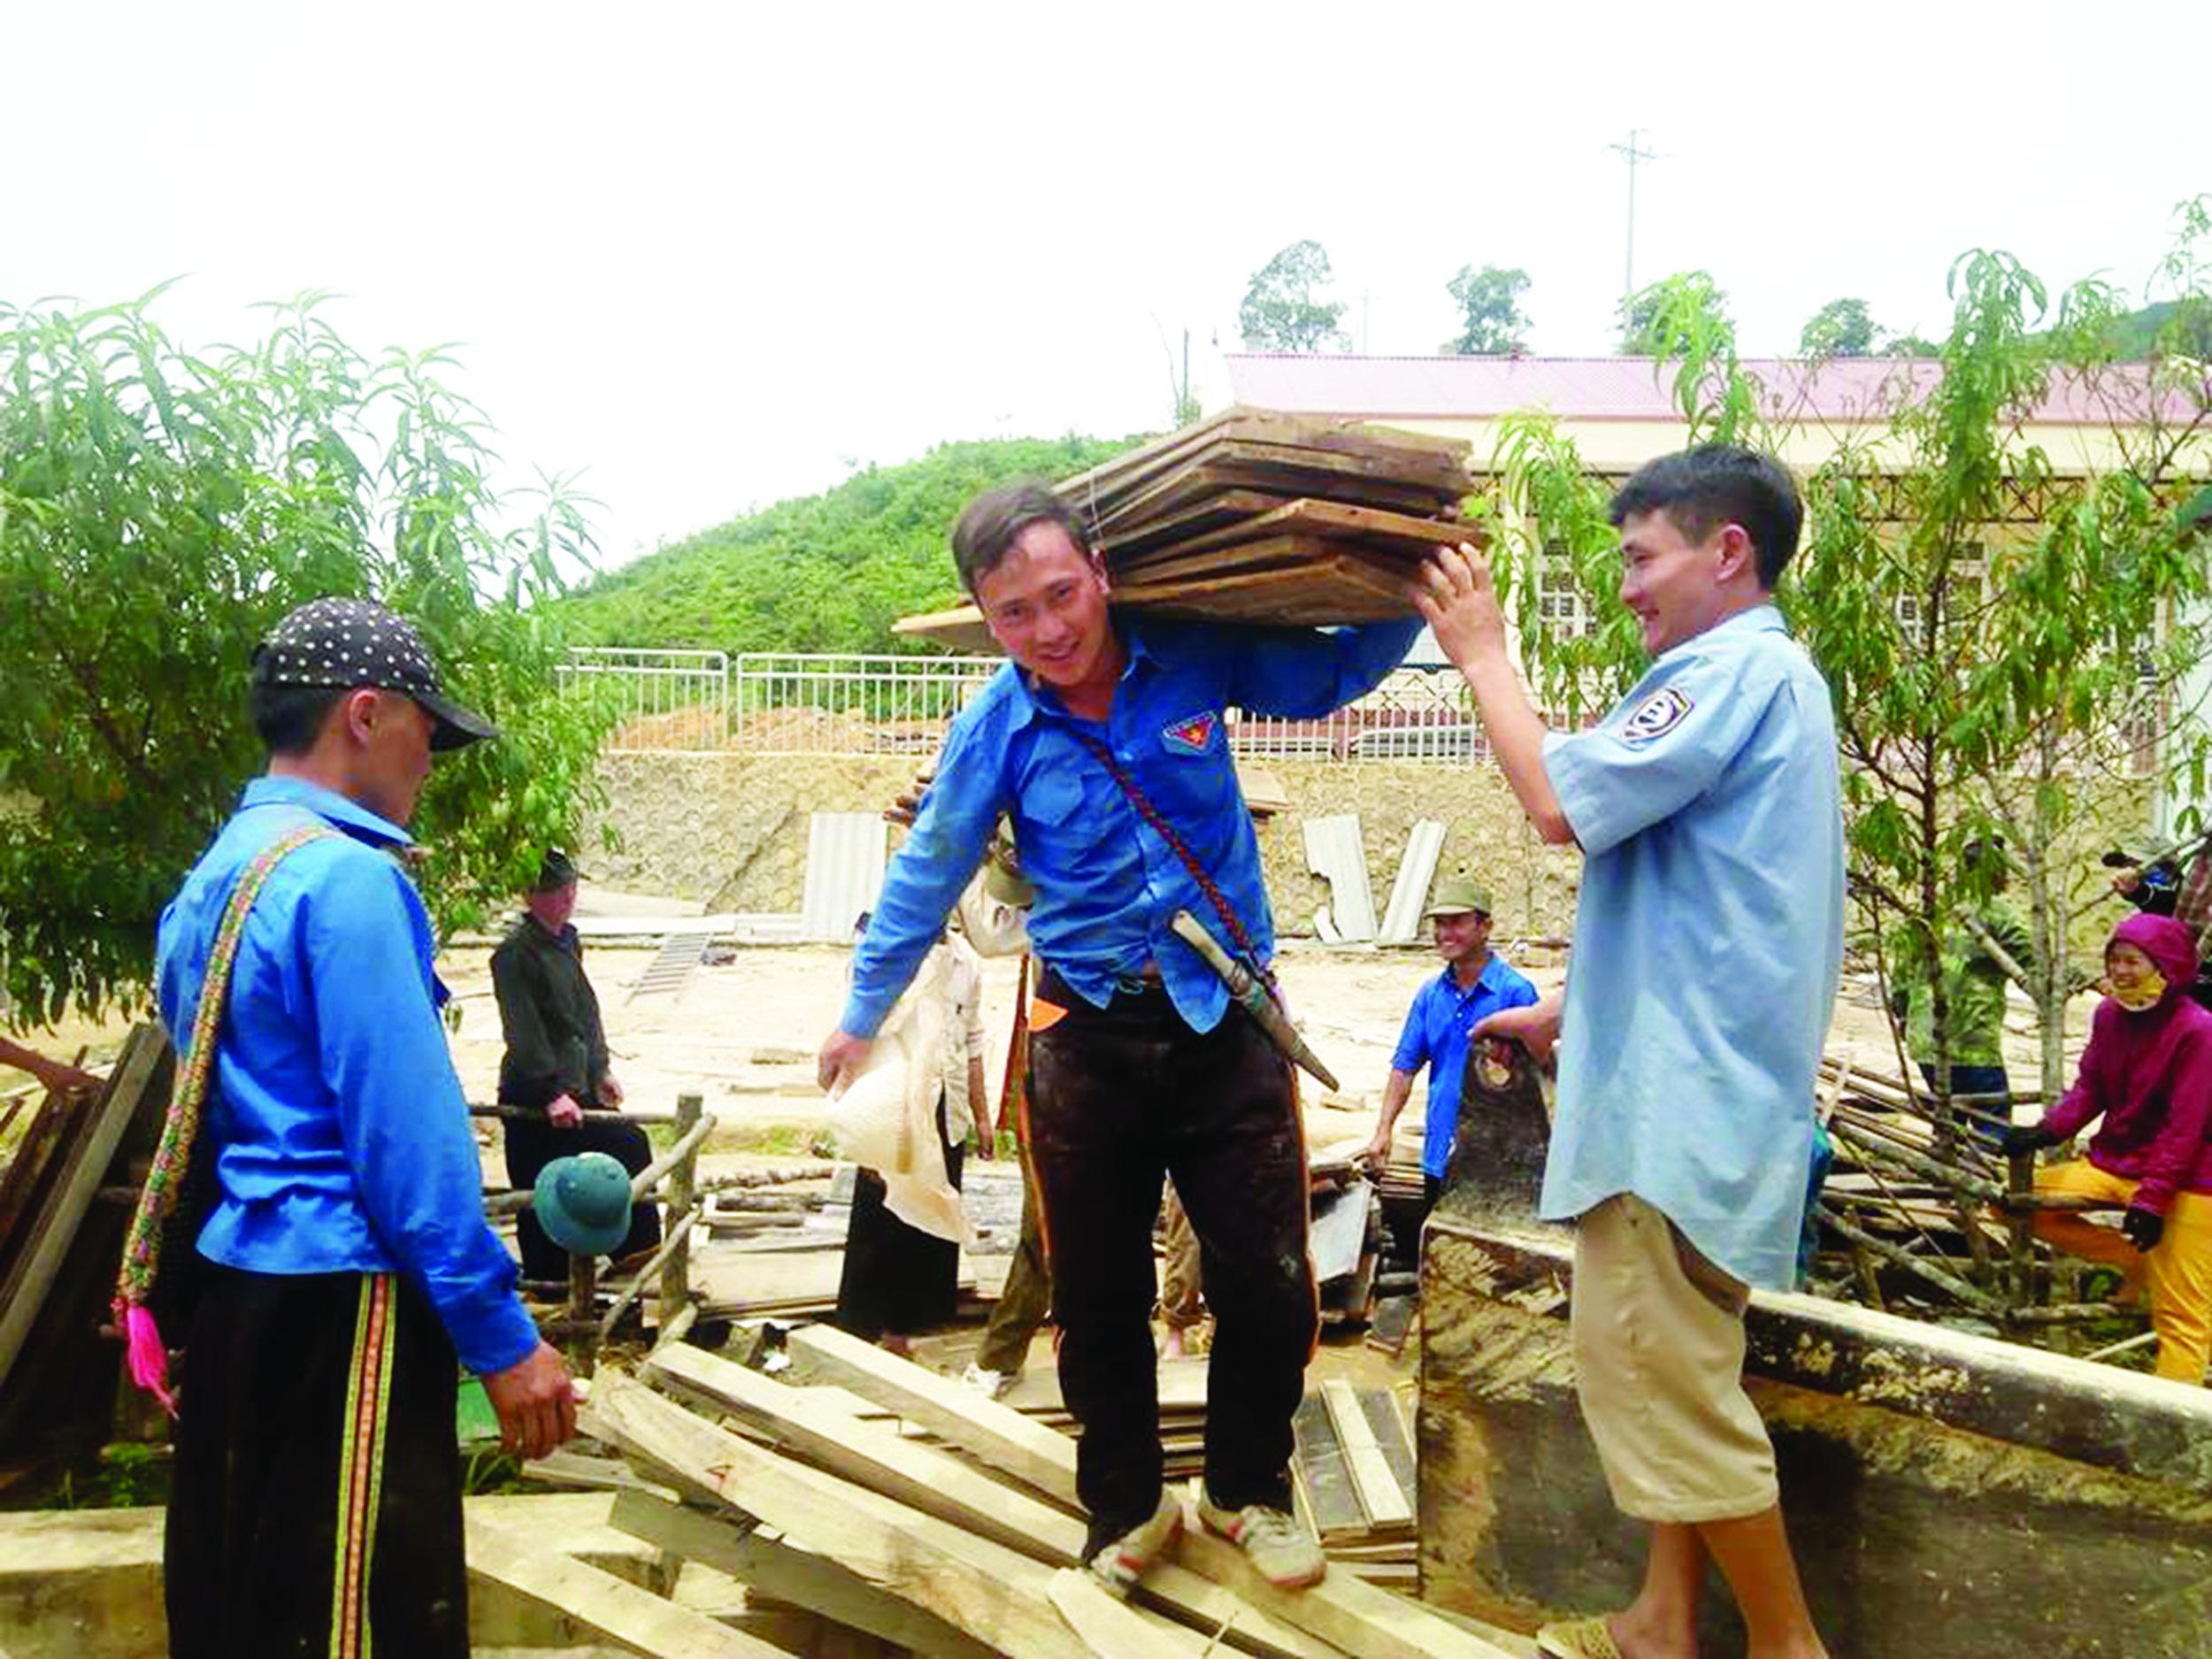 Bí thư Đoàn Thào A Lo tích cực giúp đỡ người dân trong công tác xây dựng và cải thiện môi trường sống.